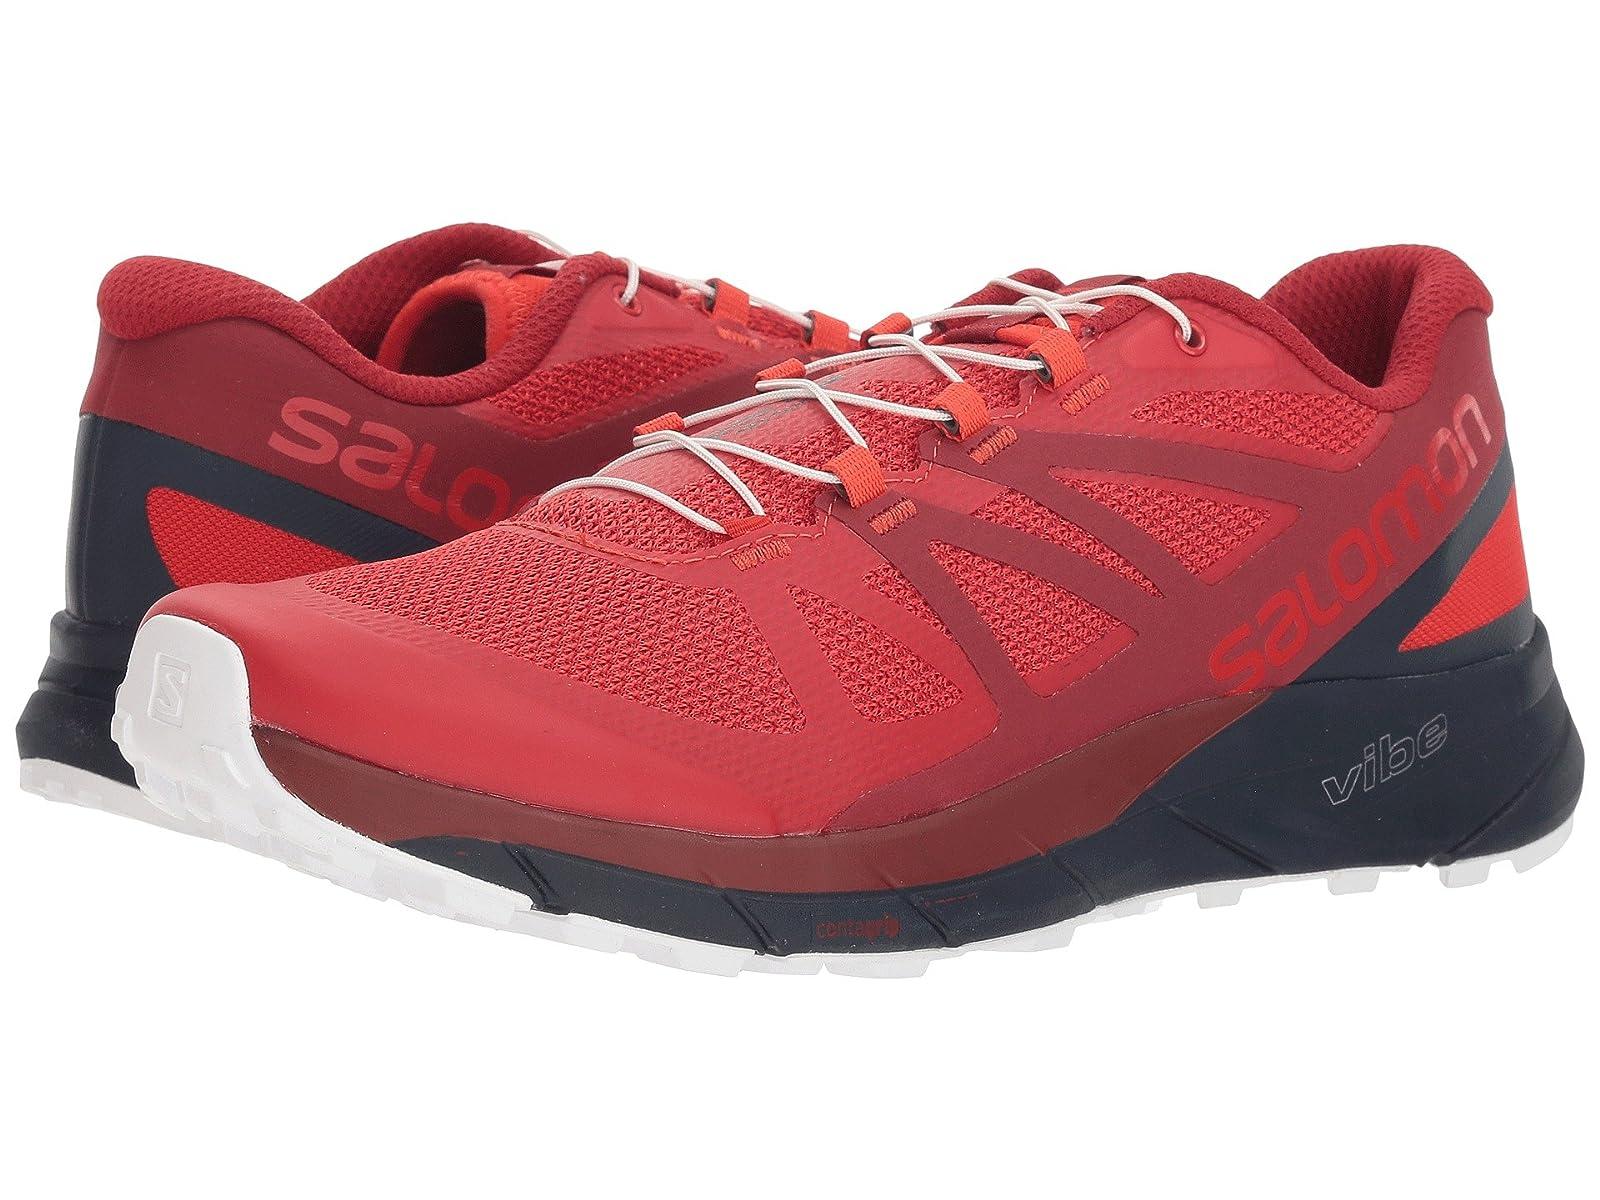 Salomon Sense RideAtmospheric grades have affordable shoes